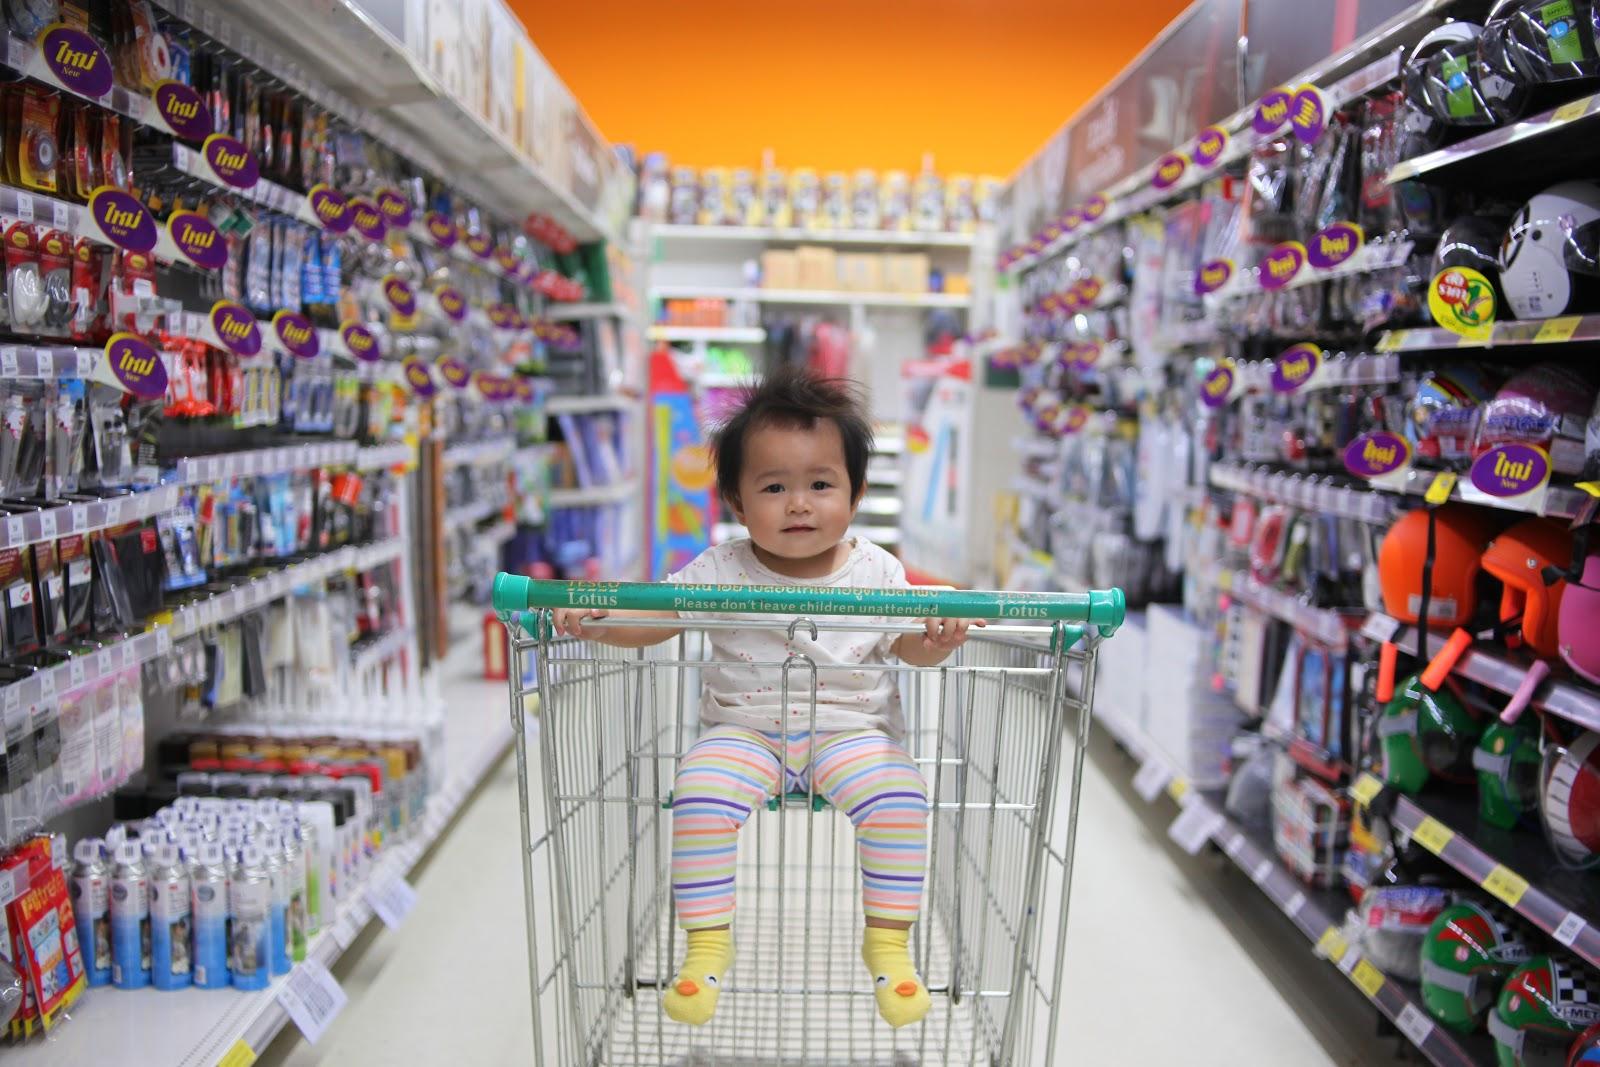 Evolutionary consumerism